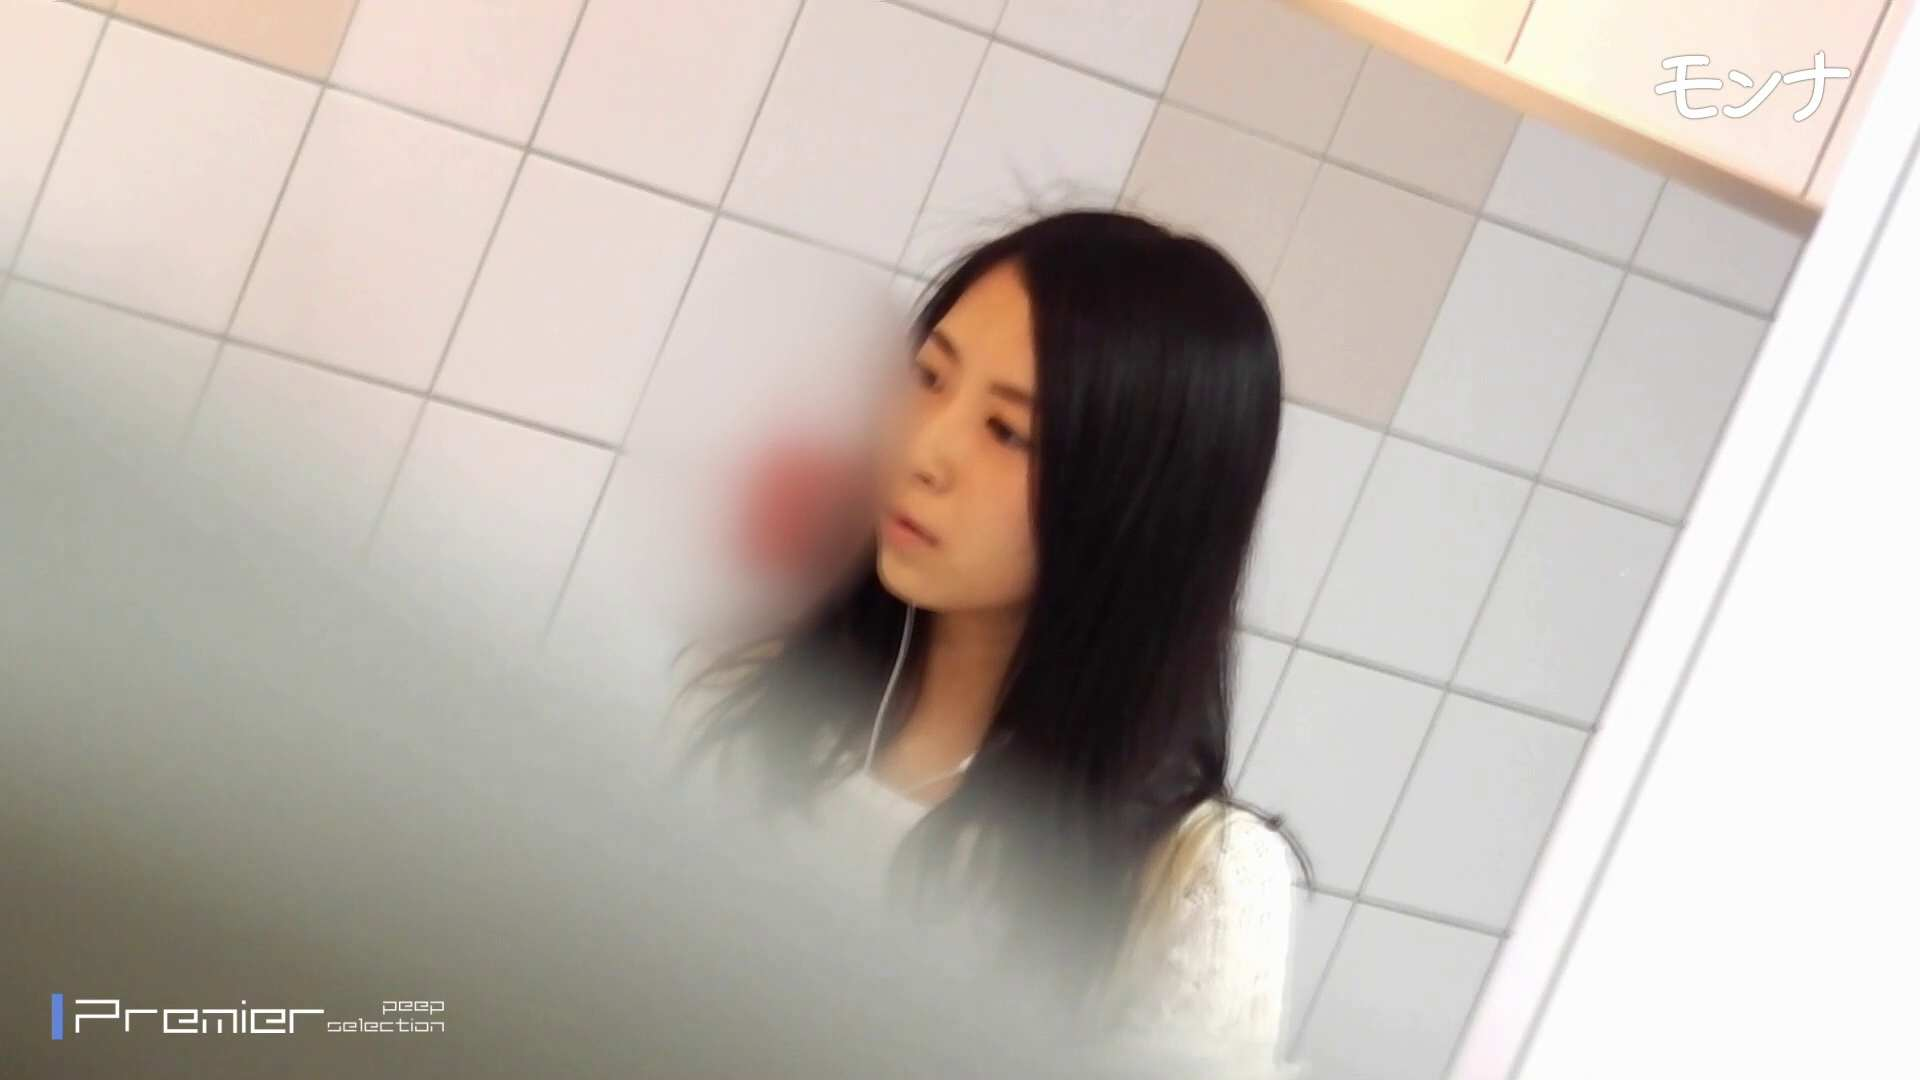 CM 清楚なお女市さんから流れる綺麗な聖水【美しい日本の未来 No.125】 覗き | おまんこ無修正  76連発 42